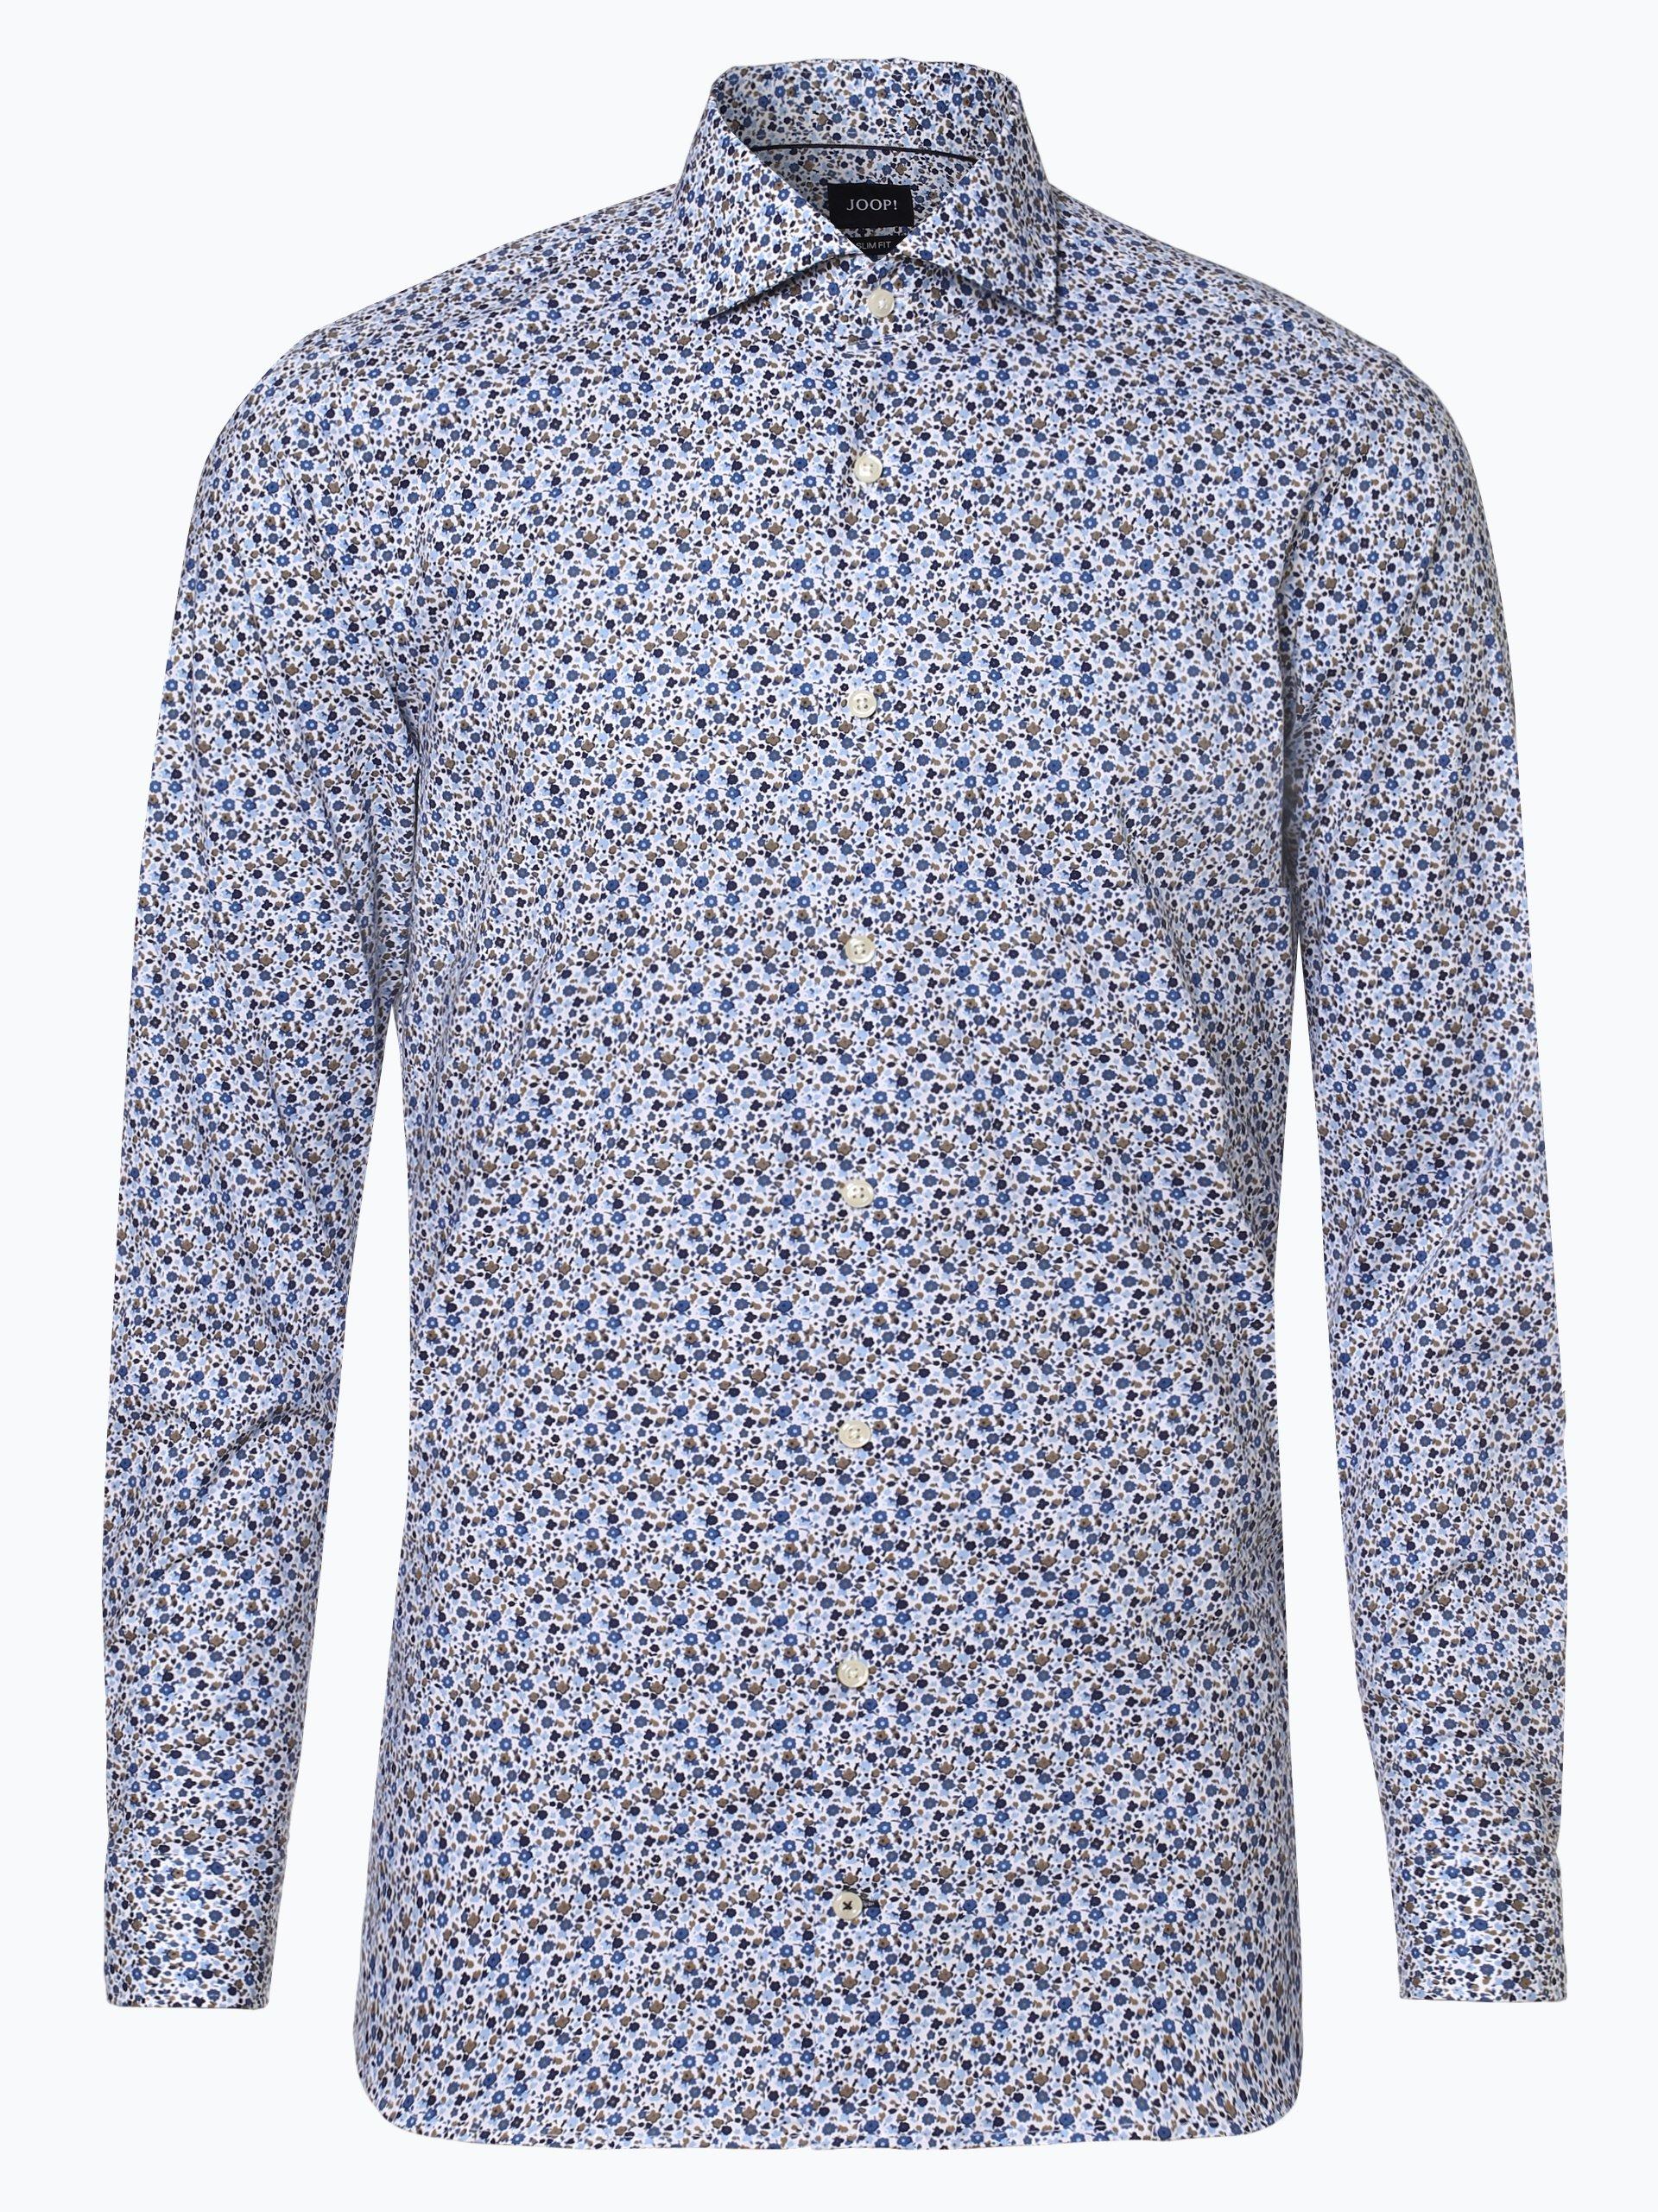 Joop Herren Hemd - Bügelleicht - Panko